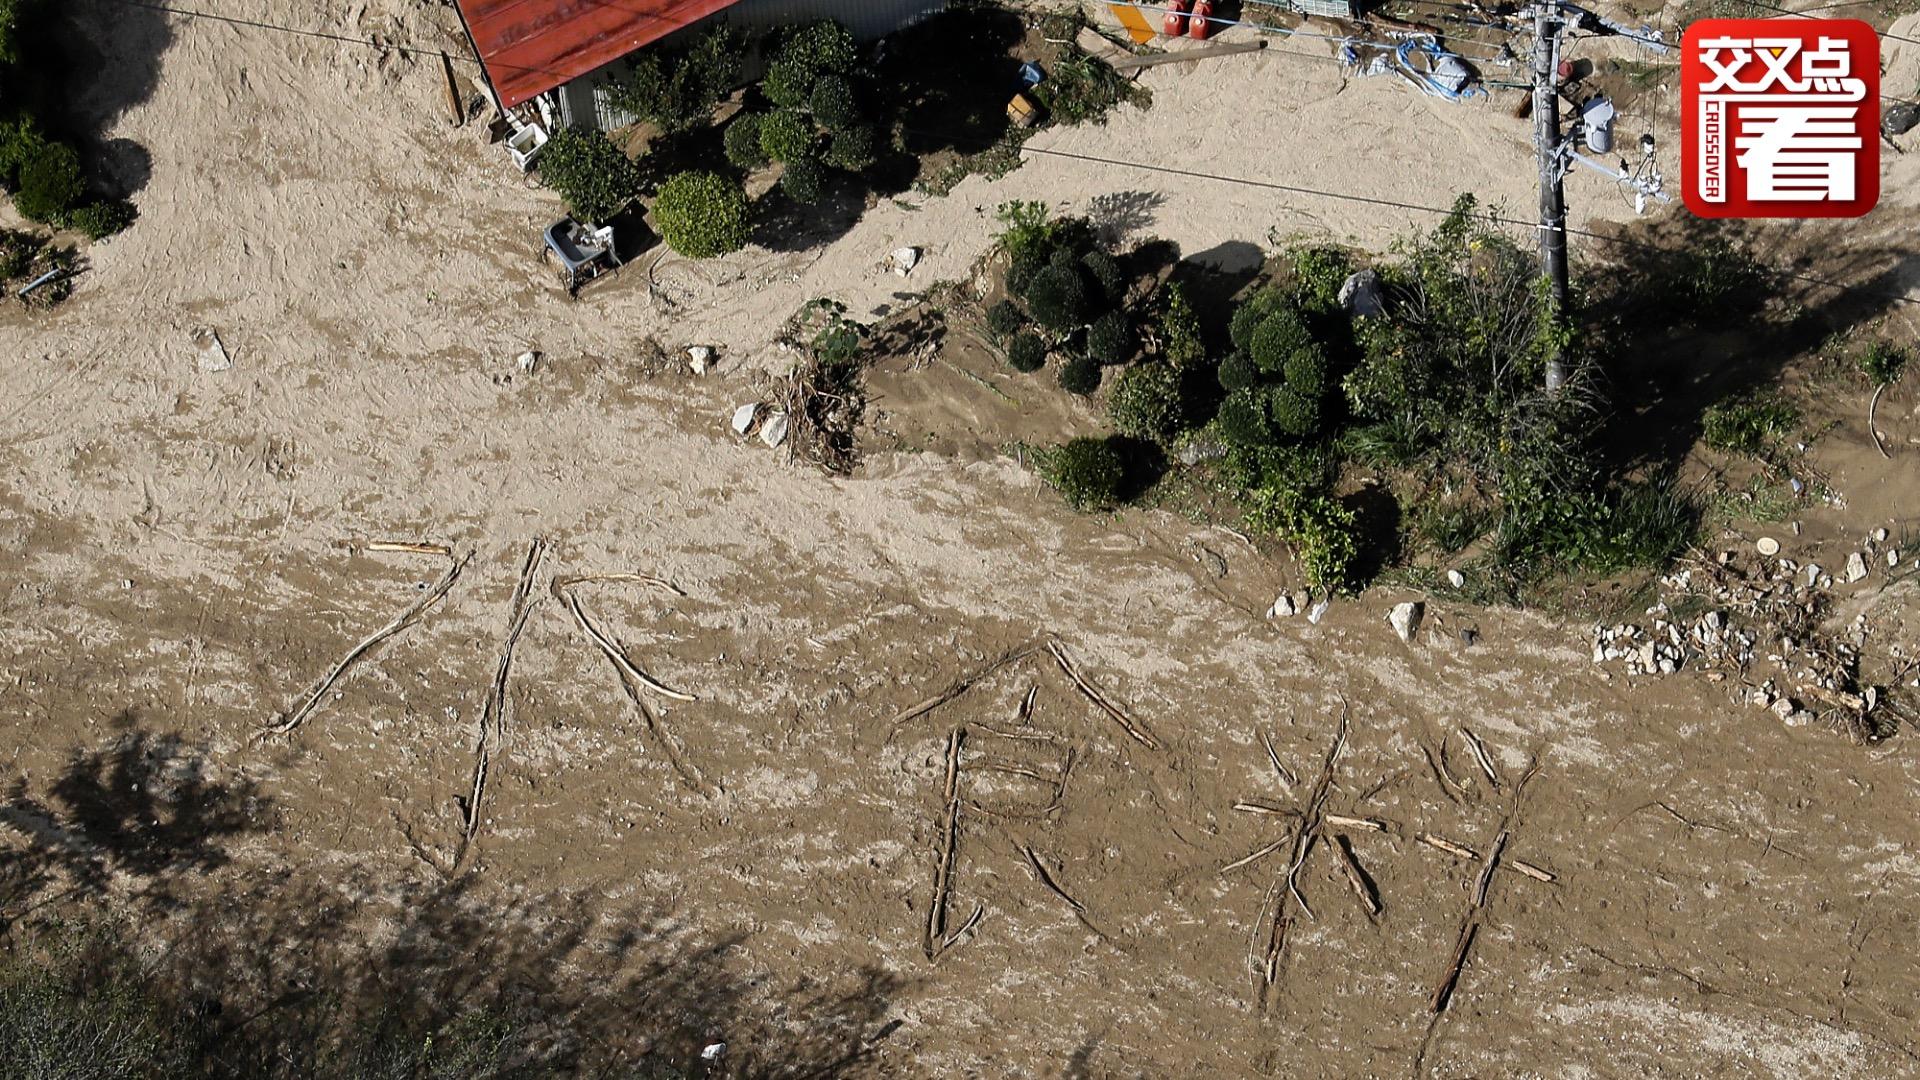 水、食物!日本台风被困灾民用树枝拼字求救